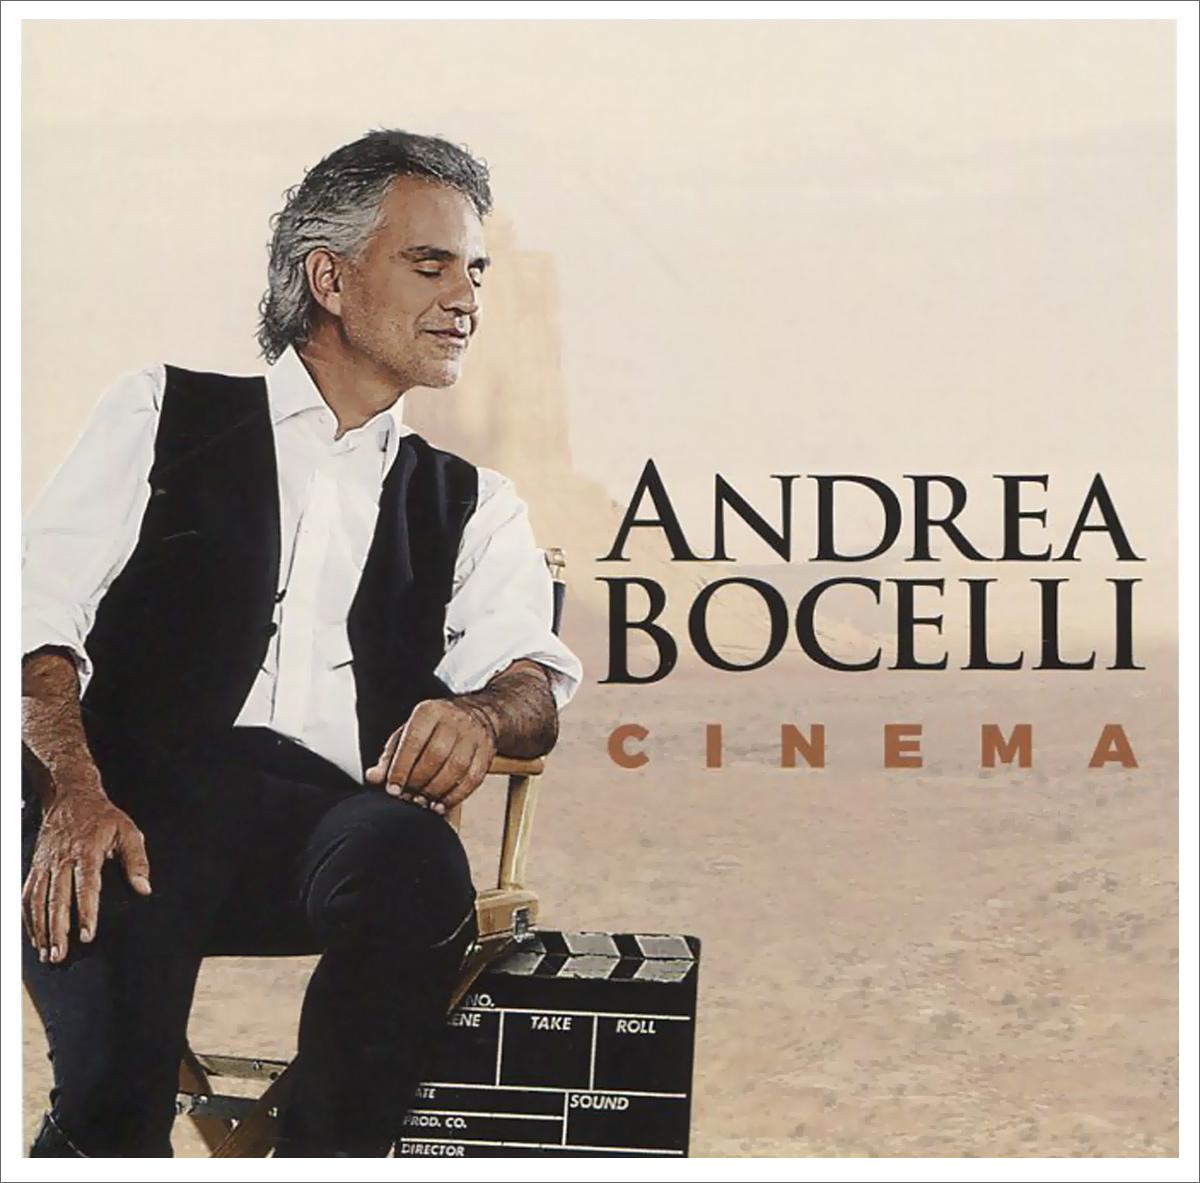 Андреа Бочелли Andrea Bocelli. Cinema бочелли андреа музыка тишины